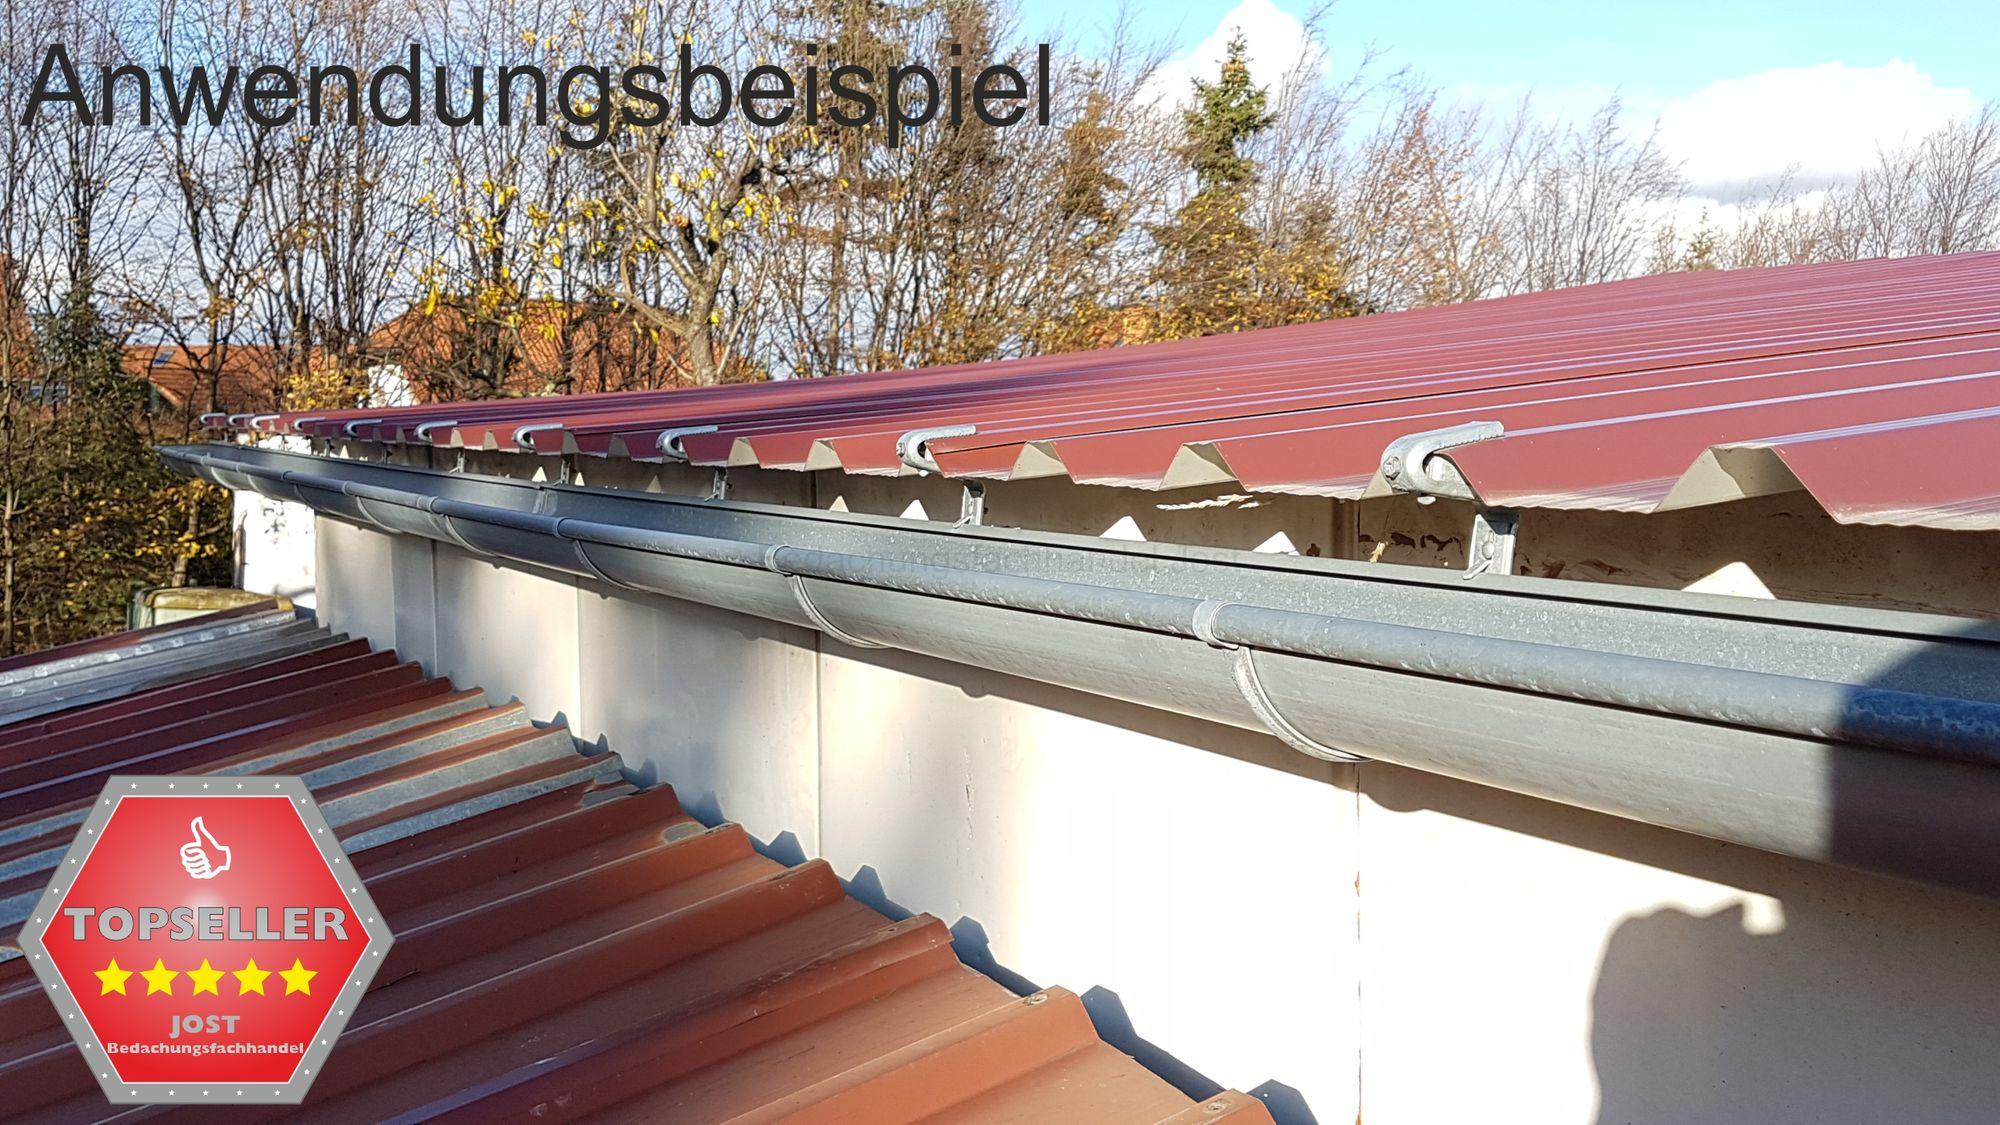 25st verz rinnenhalter trapezblech wellplatten 333 6 tlg dachrinne und fallrohre rinnenhalter. Black Bedroom Furniture Sets. Home Design Ideas